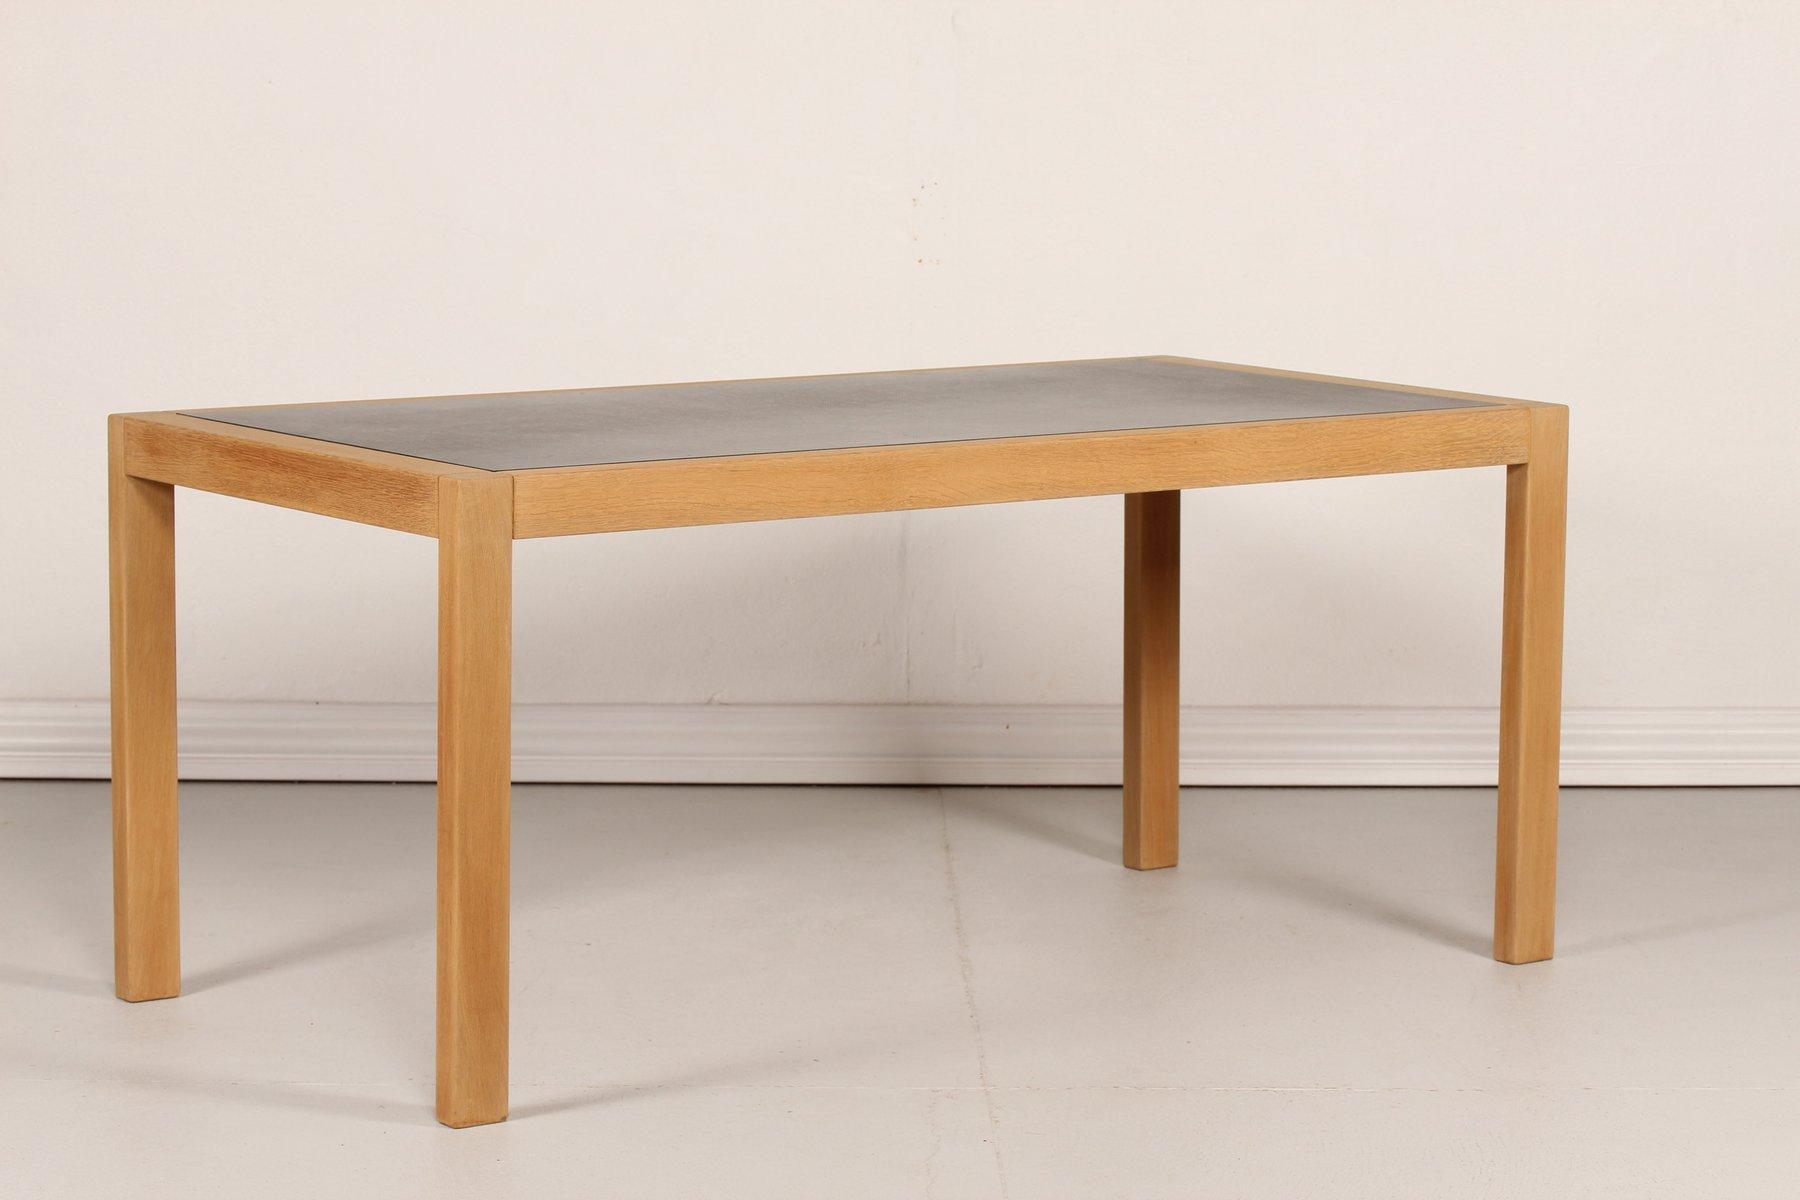 d nischer eiche werktisch mit schwarzer linoleum tischplatte 1970er bei pamono kaufen. Black Bedroom Furniture Sets. Home Design Ideas